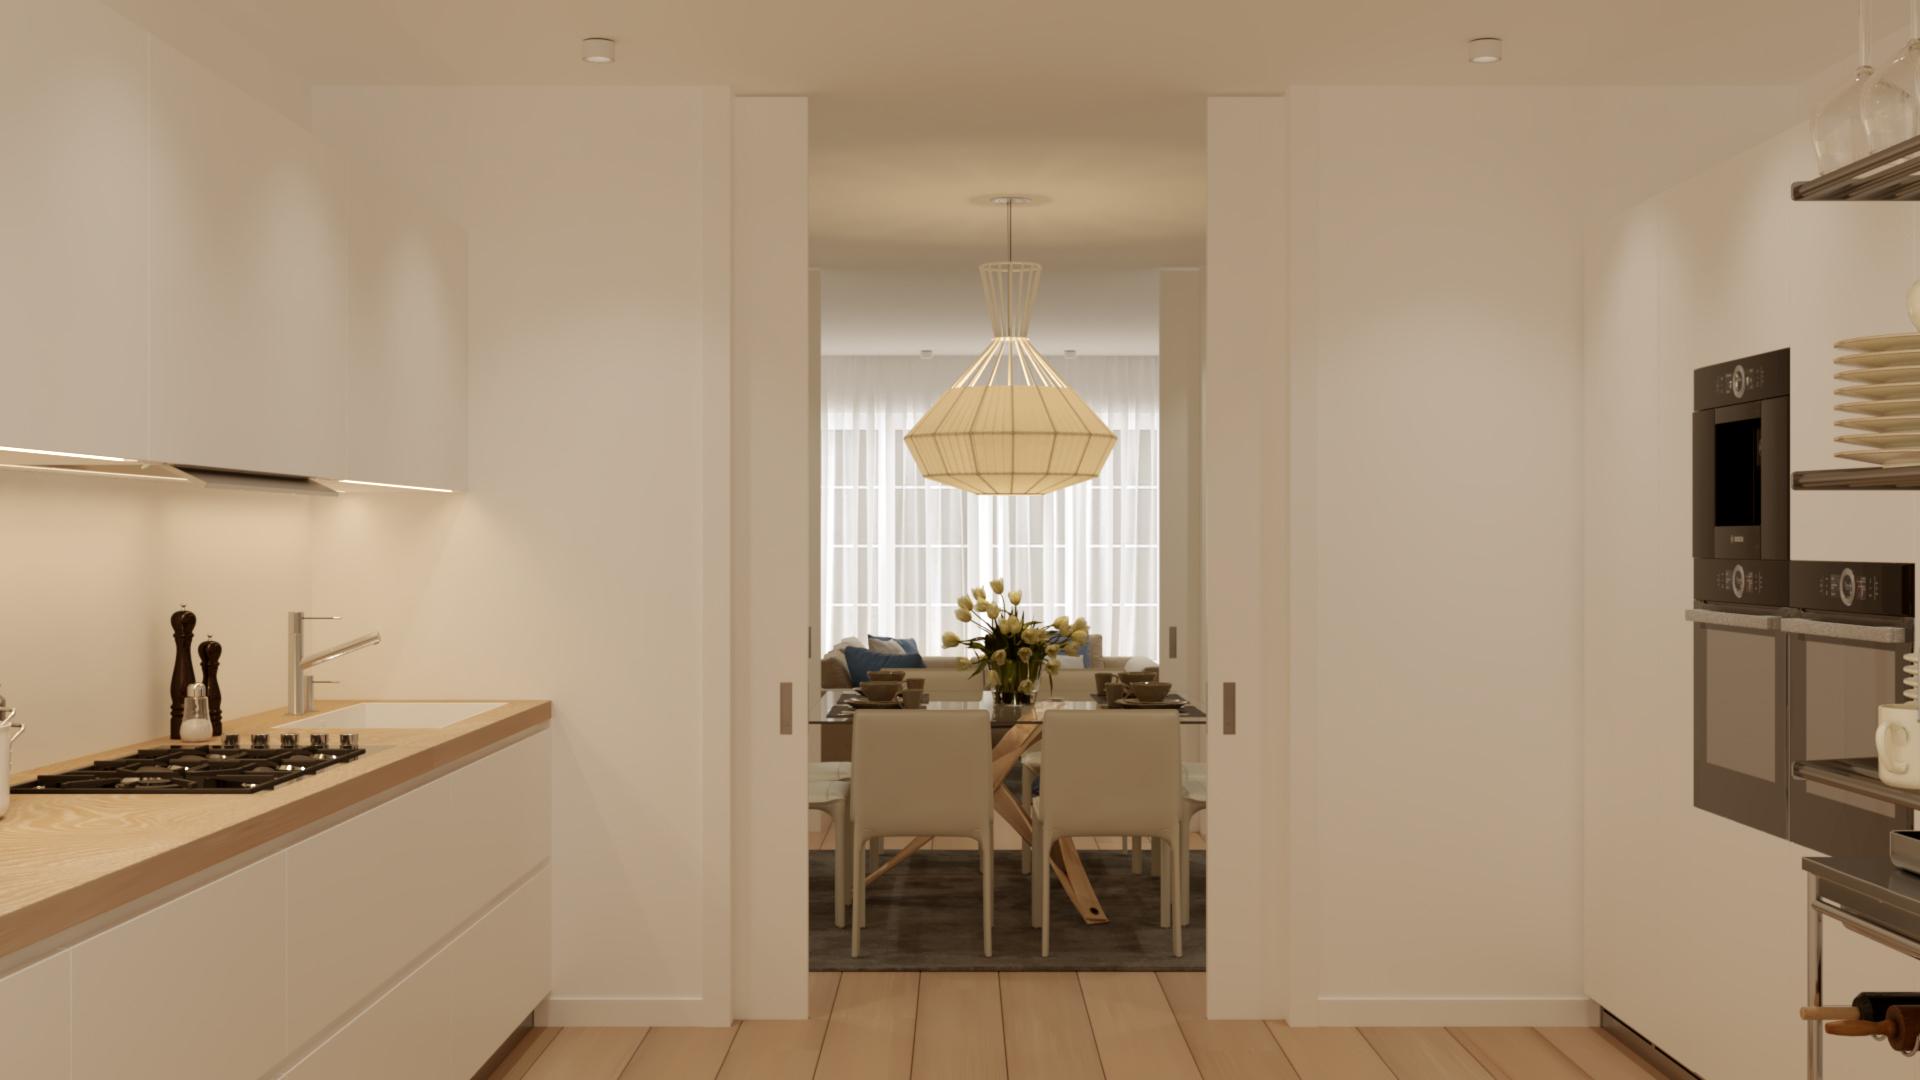 Interior_vivienda_sevilla_cocina_04